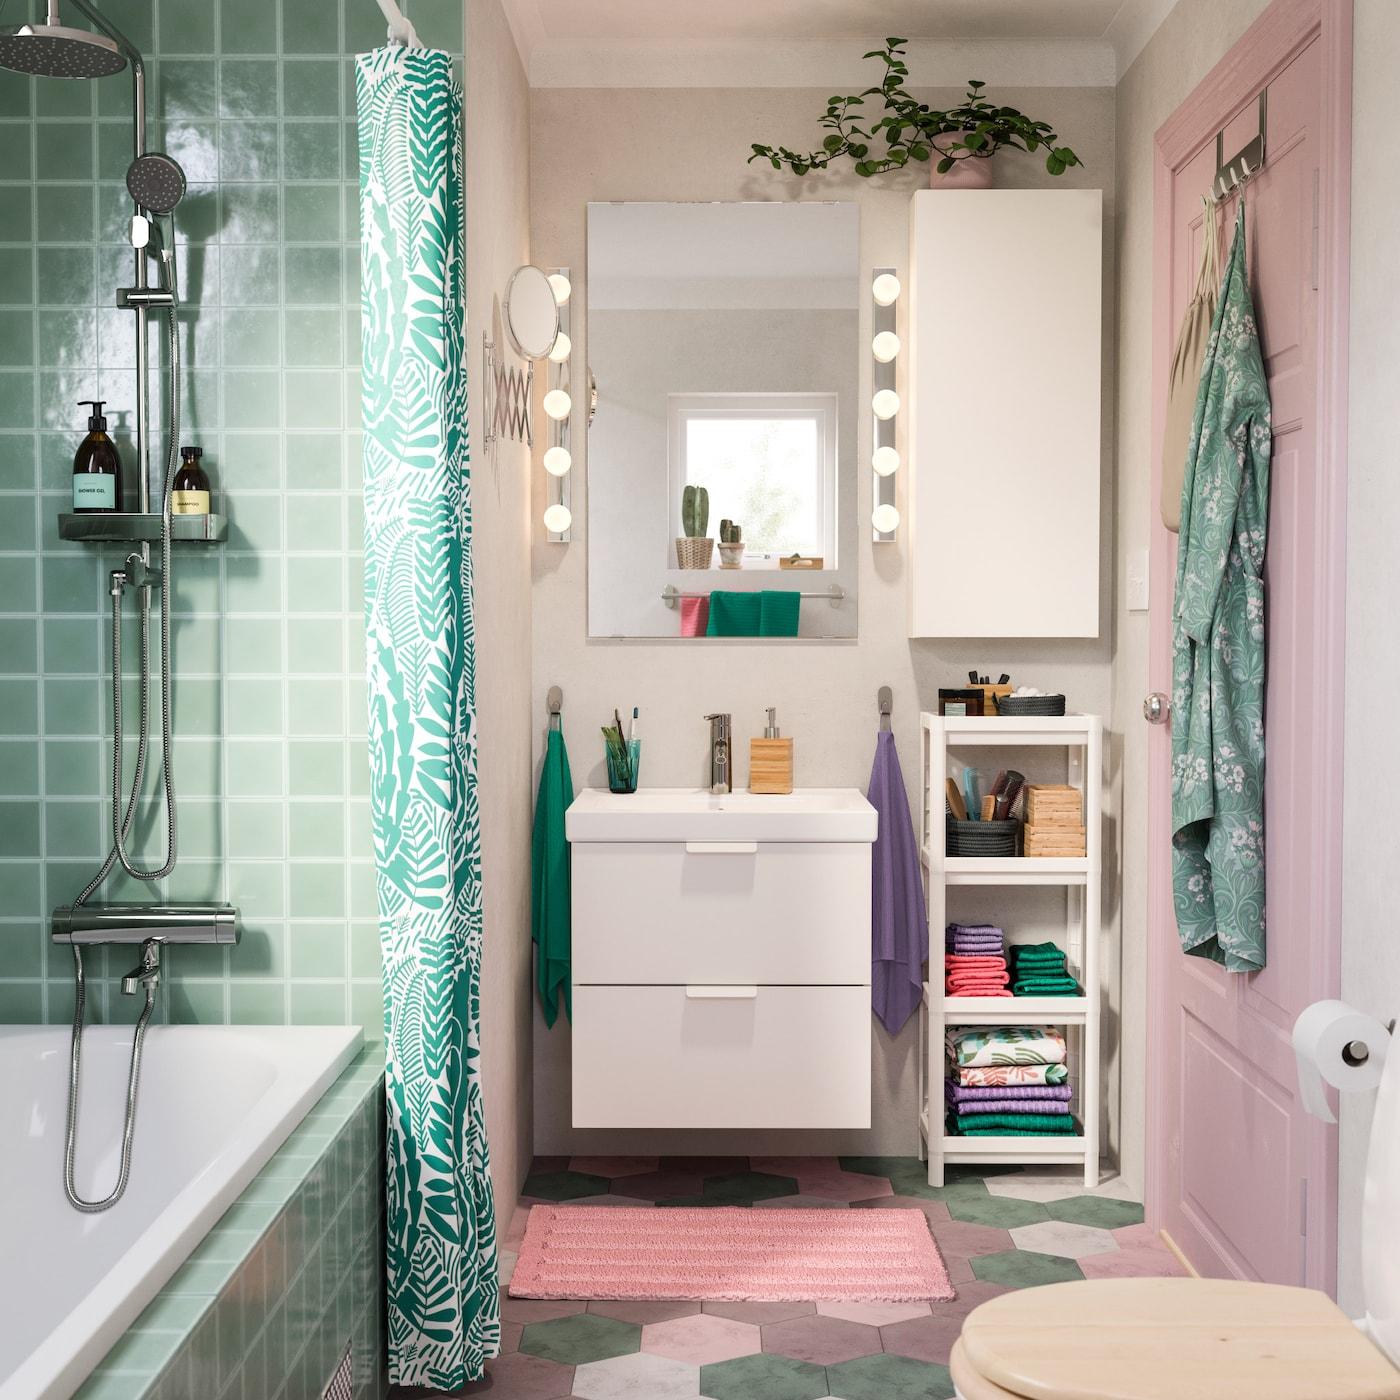 Интерьер ванной в розовых и бирюзовых тонах: раковина и навесной шкаф белого цвета, розовый коврик для ванной и бирюзовая штора для ванной.